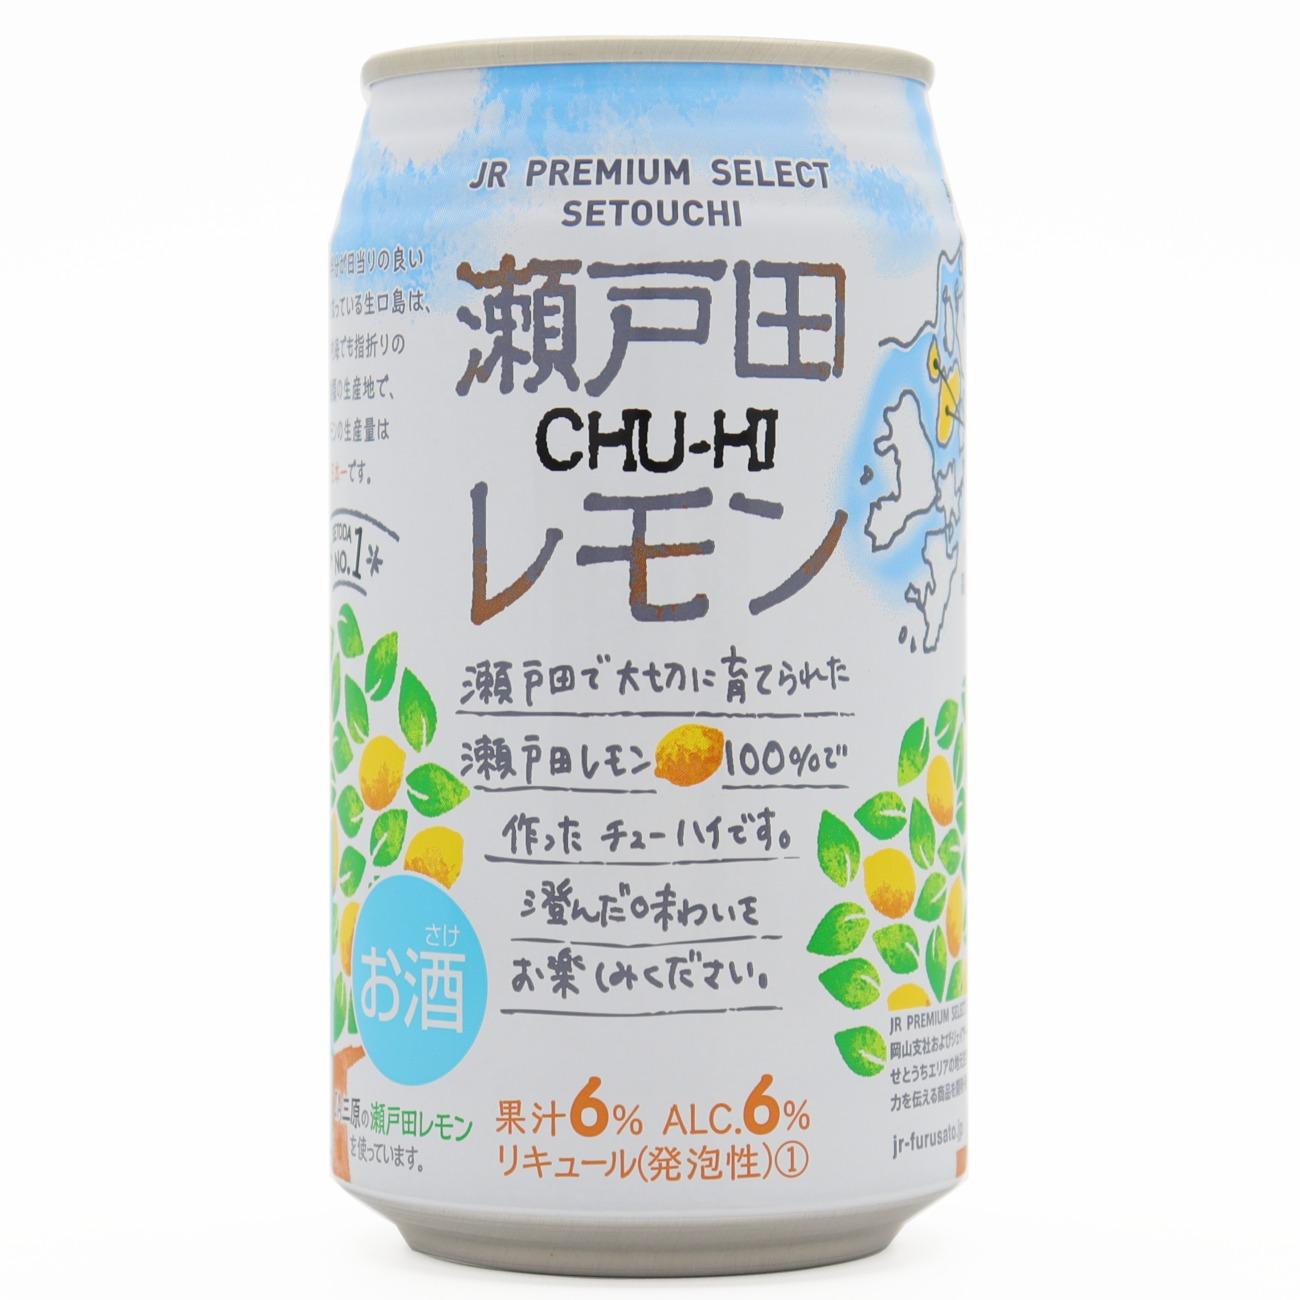 瀬戸田レモン CHU-HI